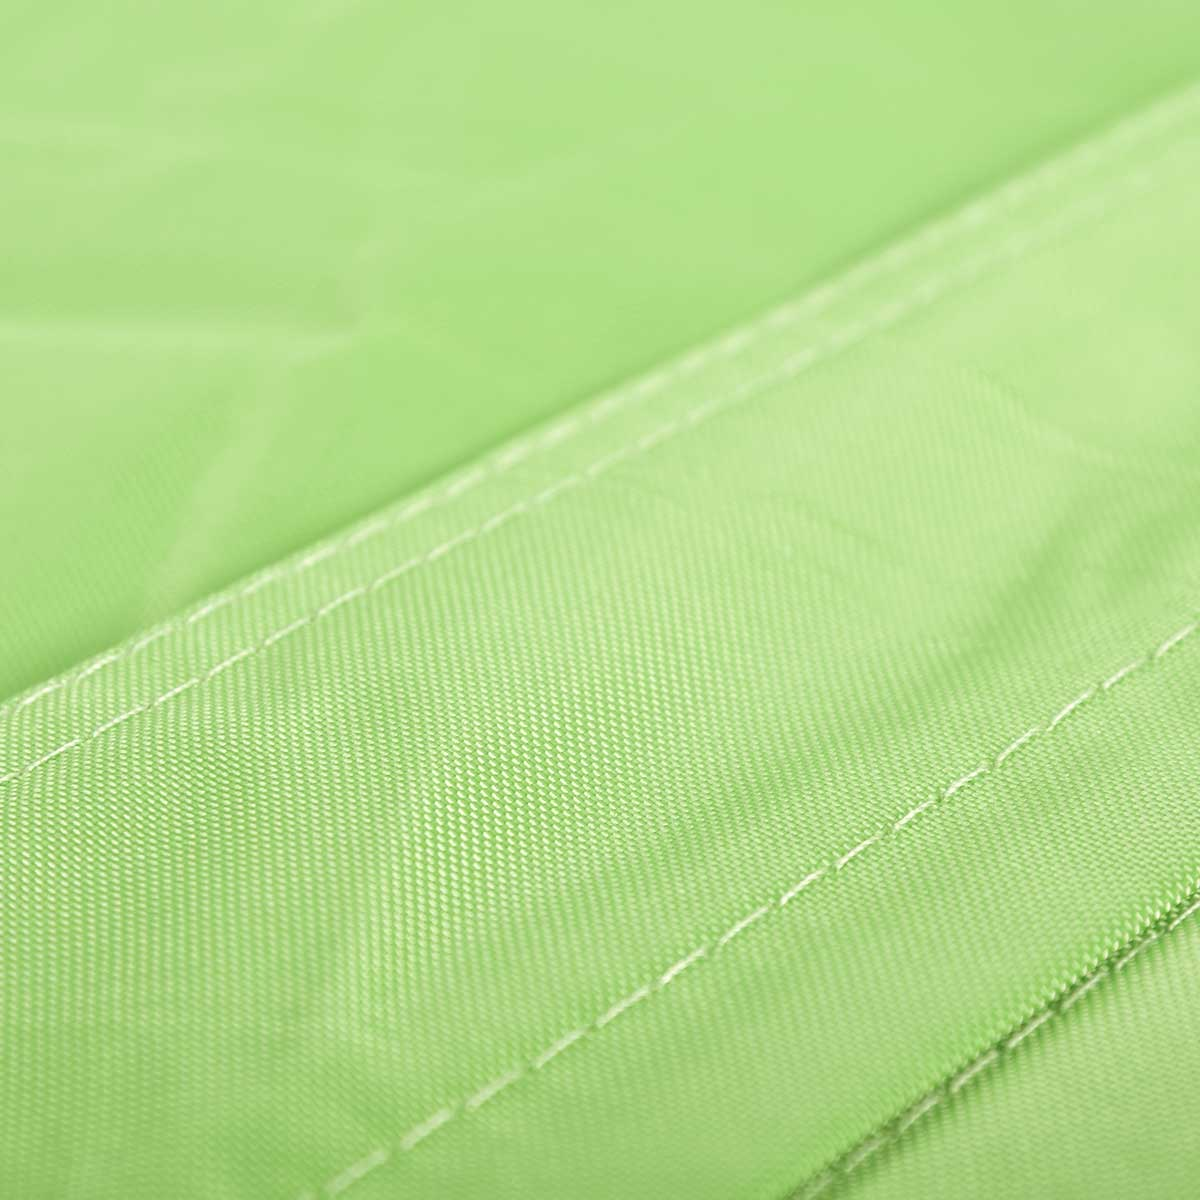 Riesen-Outdoor-Hocker BiG52 CLASSIC grün